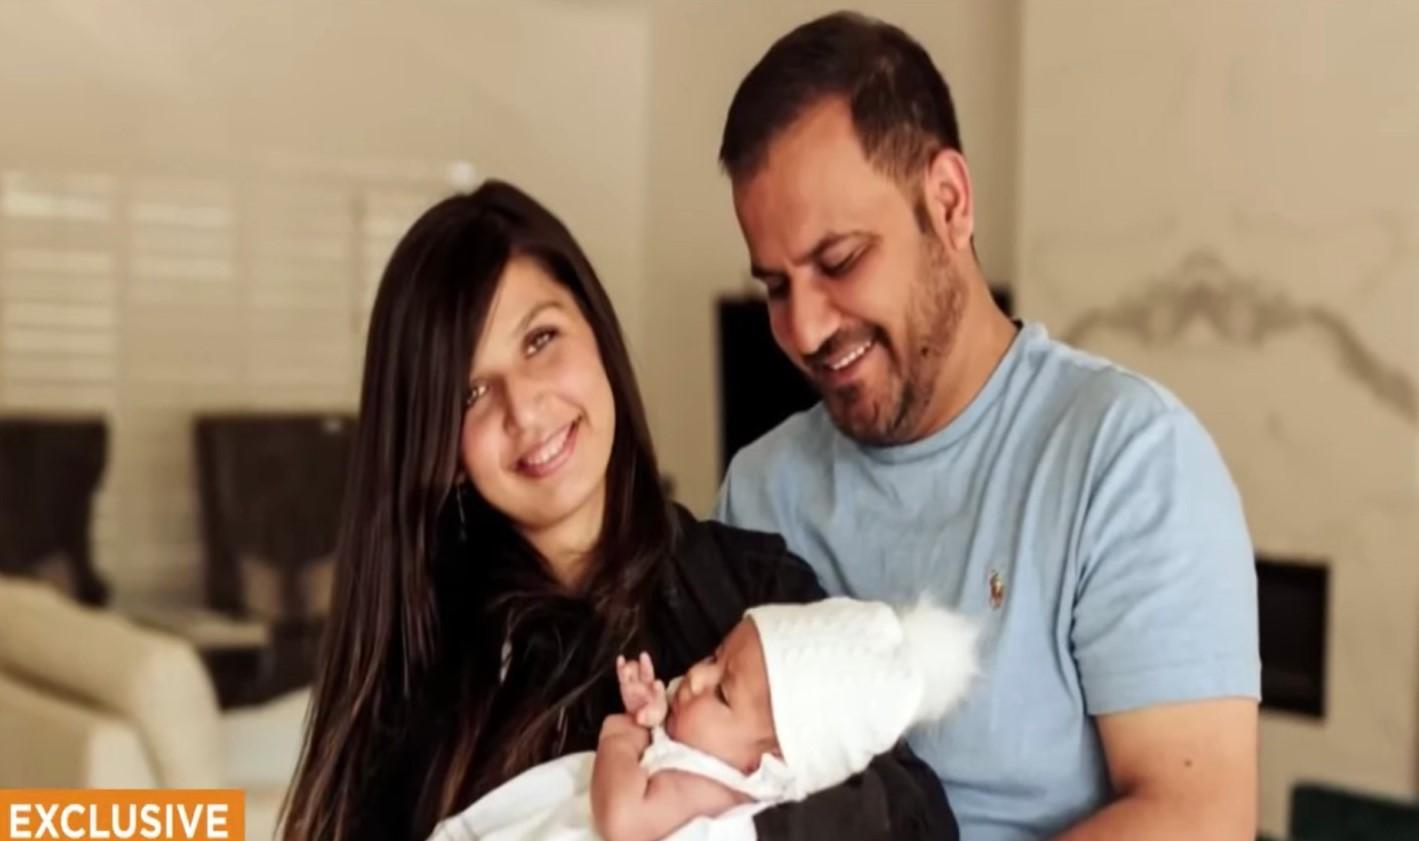 Dù đã được đoàn tụ nhưng gia đình hiện không có bất kỳ giấy tờ tùy thân nào, trong khi vợ và con gái anh cần được chăm sóc y tế. (Ảnh qua New York Post)